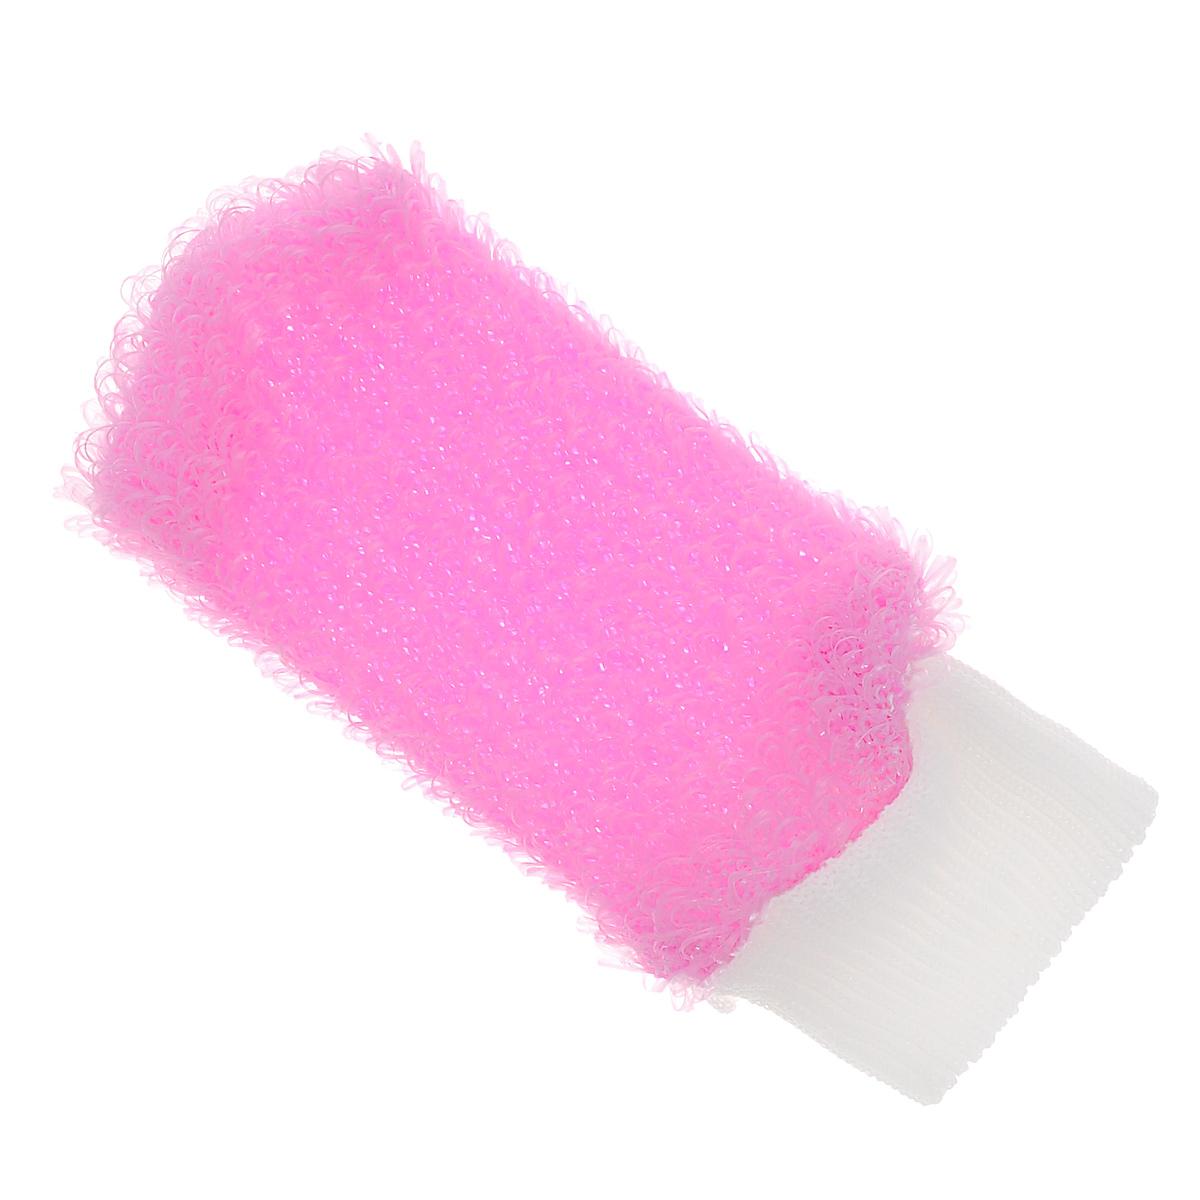 Мочалка Eva Рукавица, цвет: розовый, 11 х 22 см М39М39_розовыйМочалка Eva Рукавица станет незаменимым аксессуаром ванной комнаты. Мочалка массажная антибактериальная. Отлично пенится. Быстро сохнет. Обладает эффектом скраба - кожа становится чистой, упругой и свежей. Идеально подходит для профилактики и борьбы с целлюлитом. Размер мочалки: 11 см х 22 см.